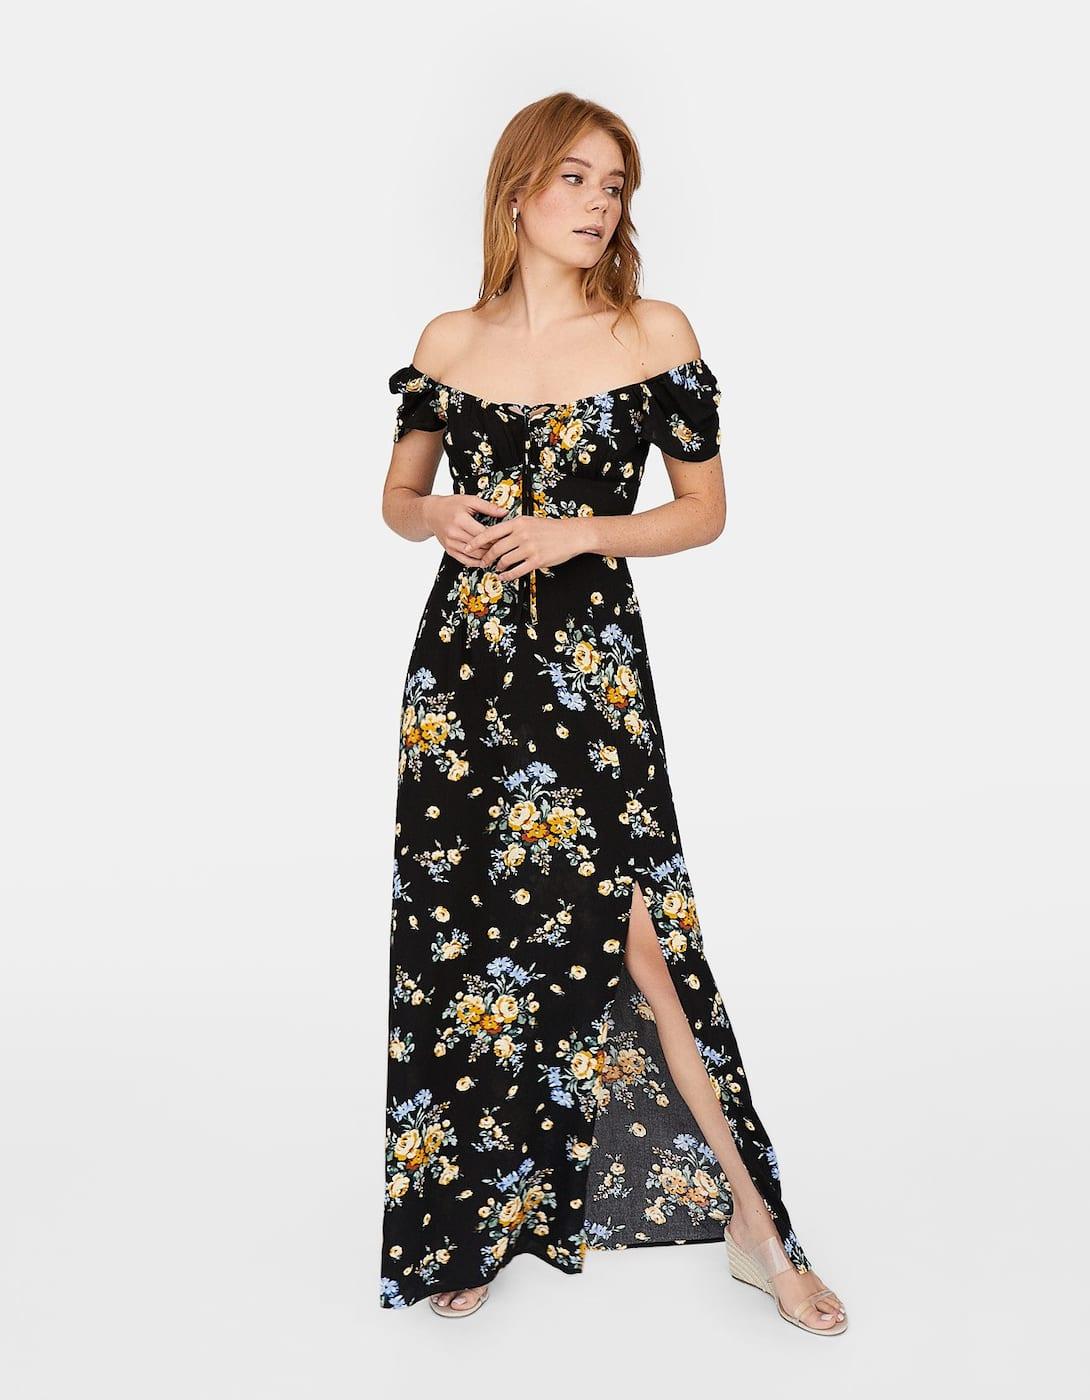 nuevo estilo de vida varios diseños comprar Este vestido de Stradivarius está causando furor y es ideal ...